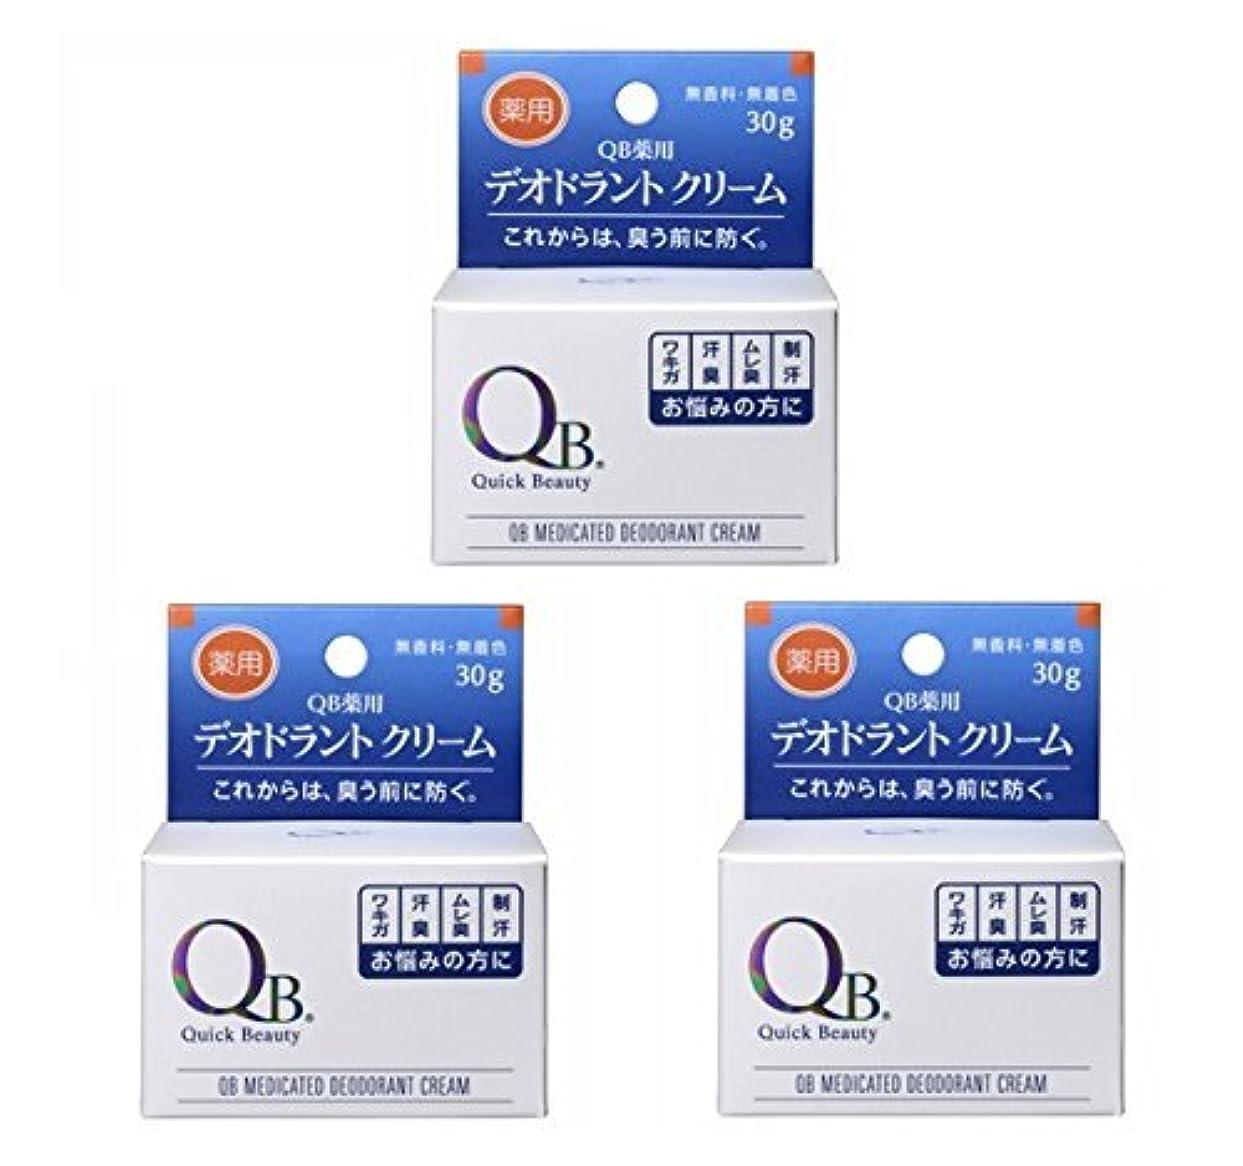 極小熟す失効QB薬用デオドラントクリーム 30g×3個セット